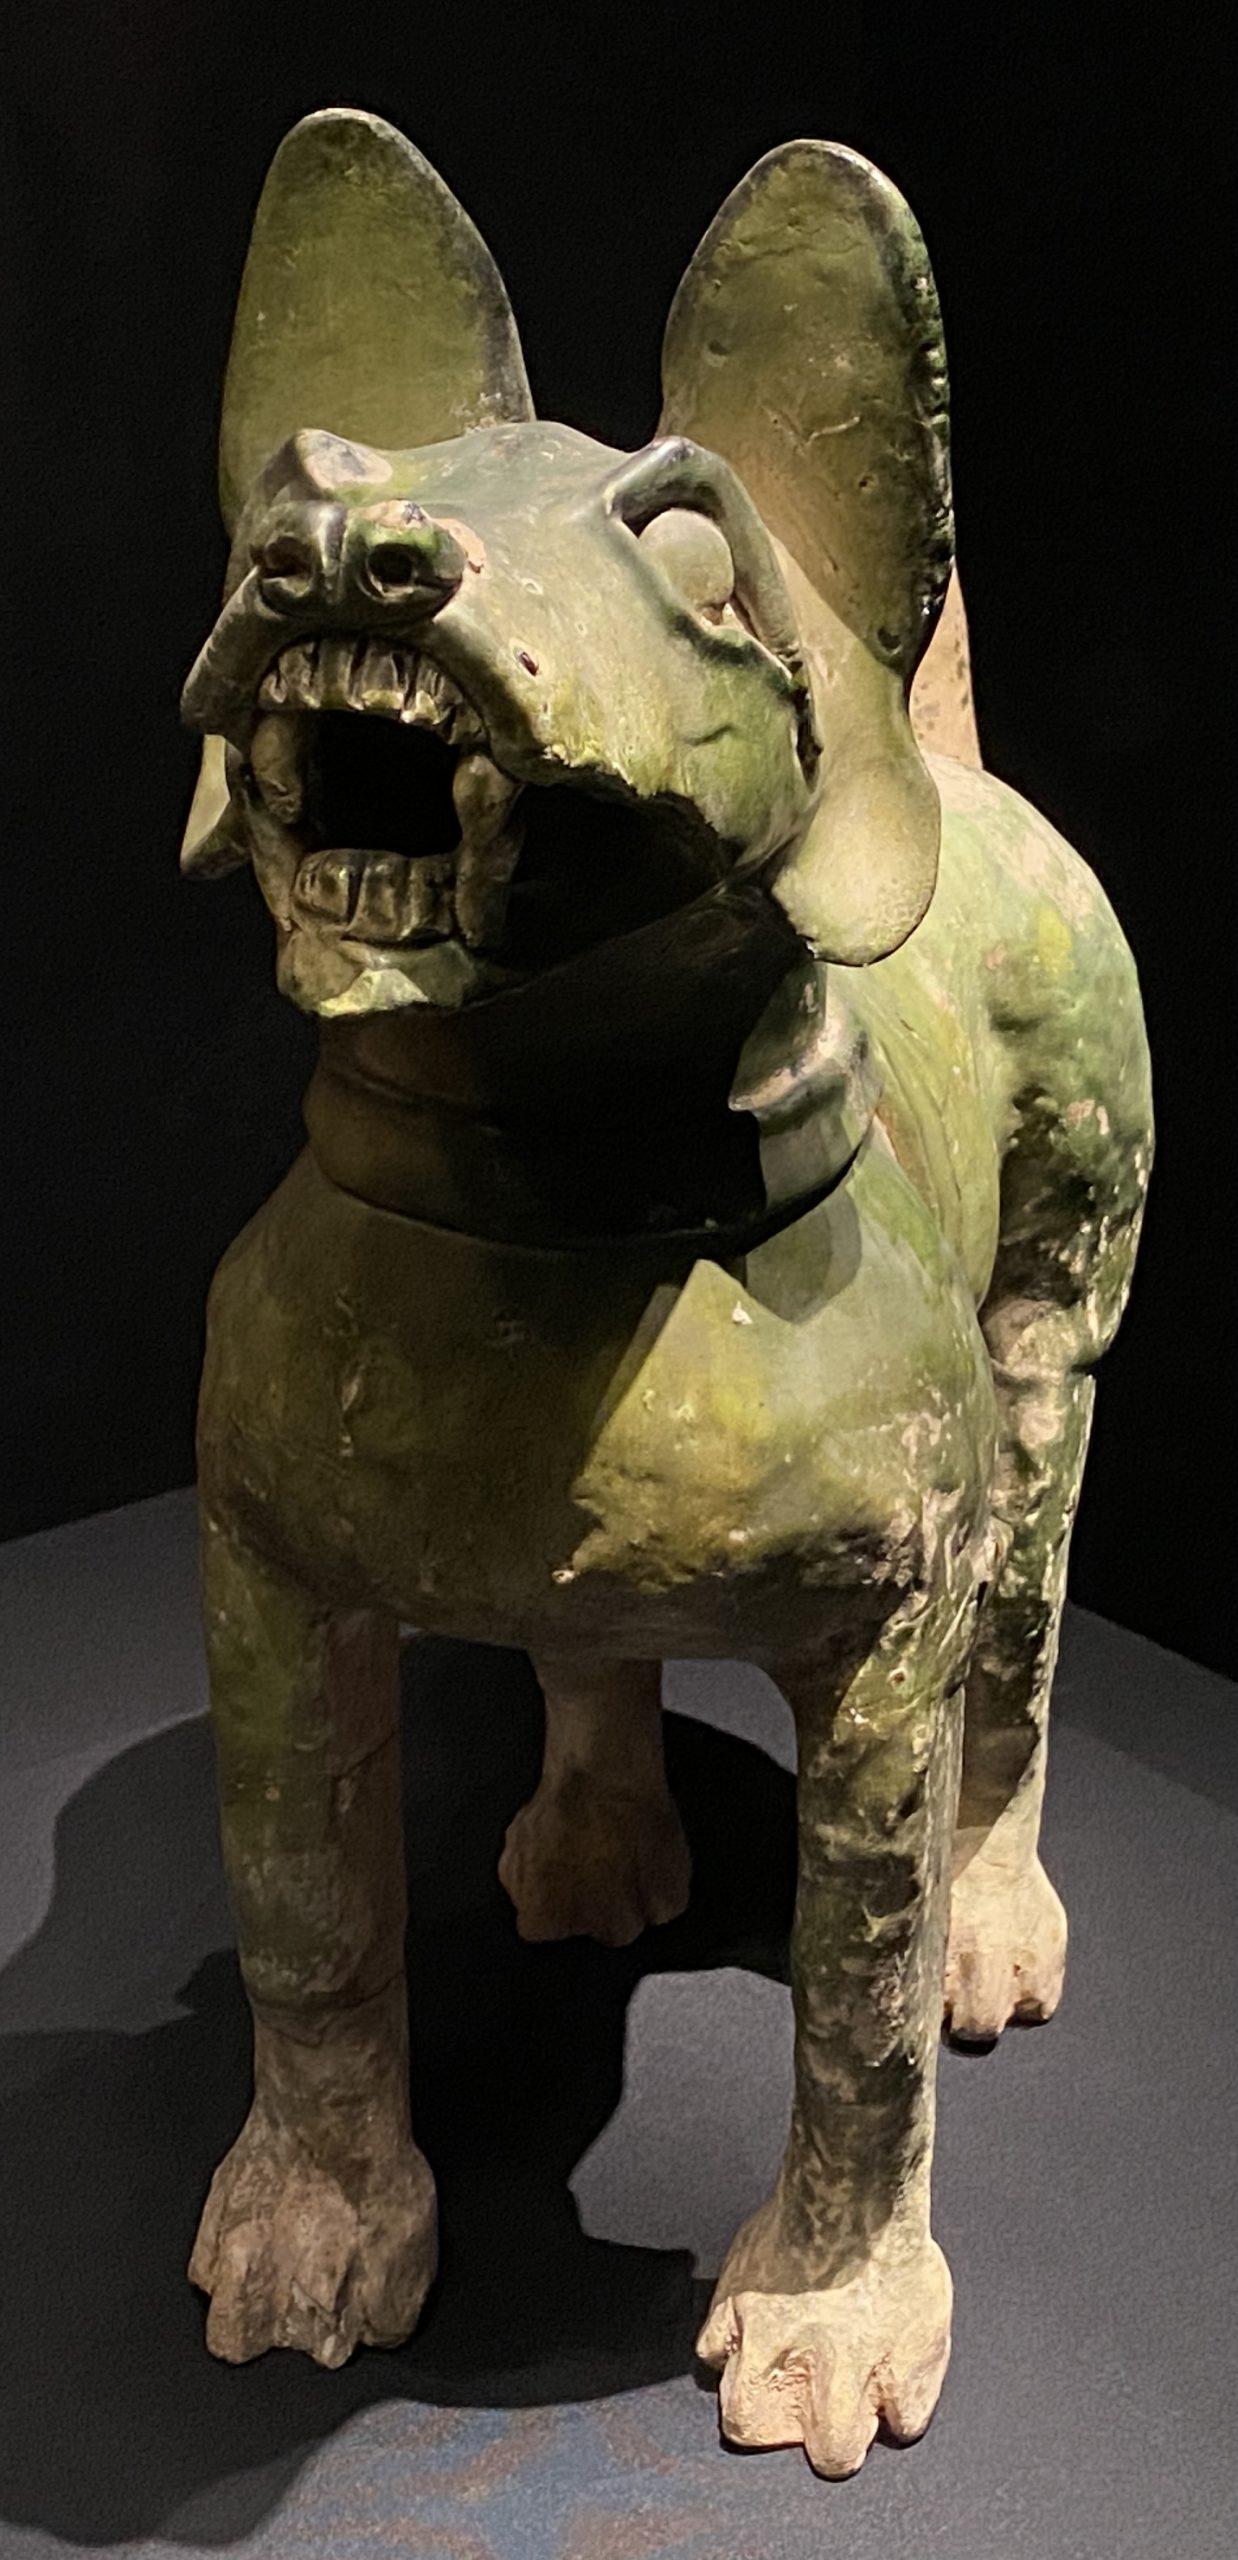 緑釉陶狗-【列備五都-秦漢時代の中国都市】-成都博物館-四川成都